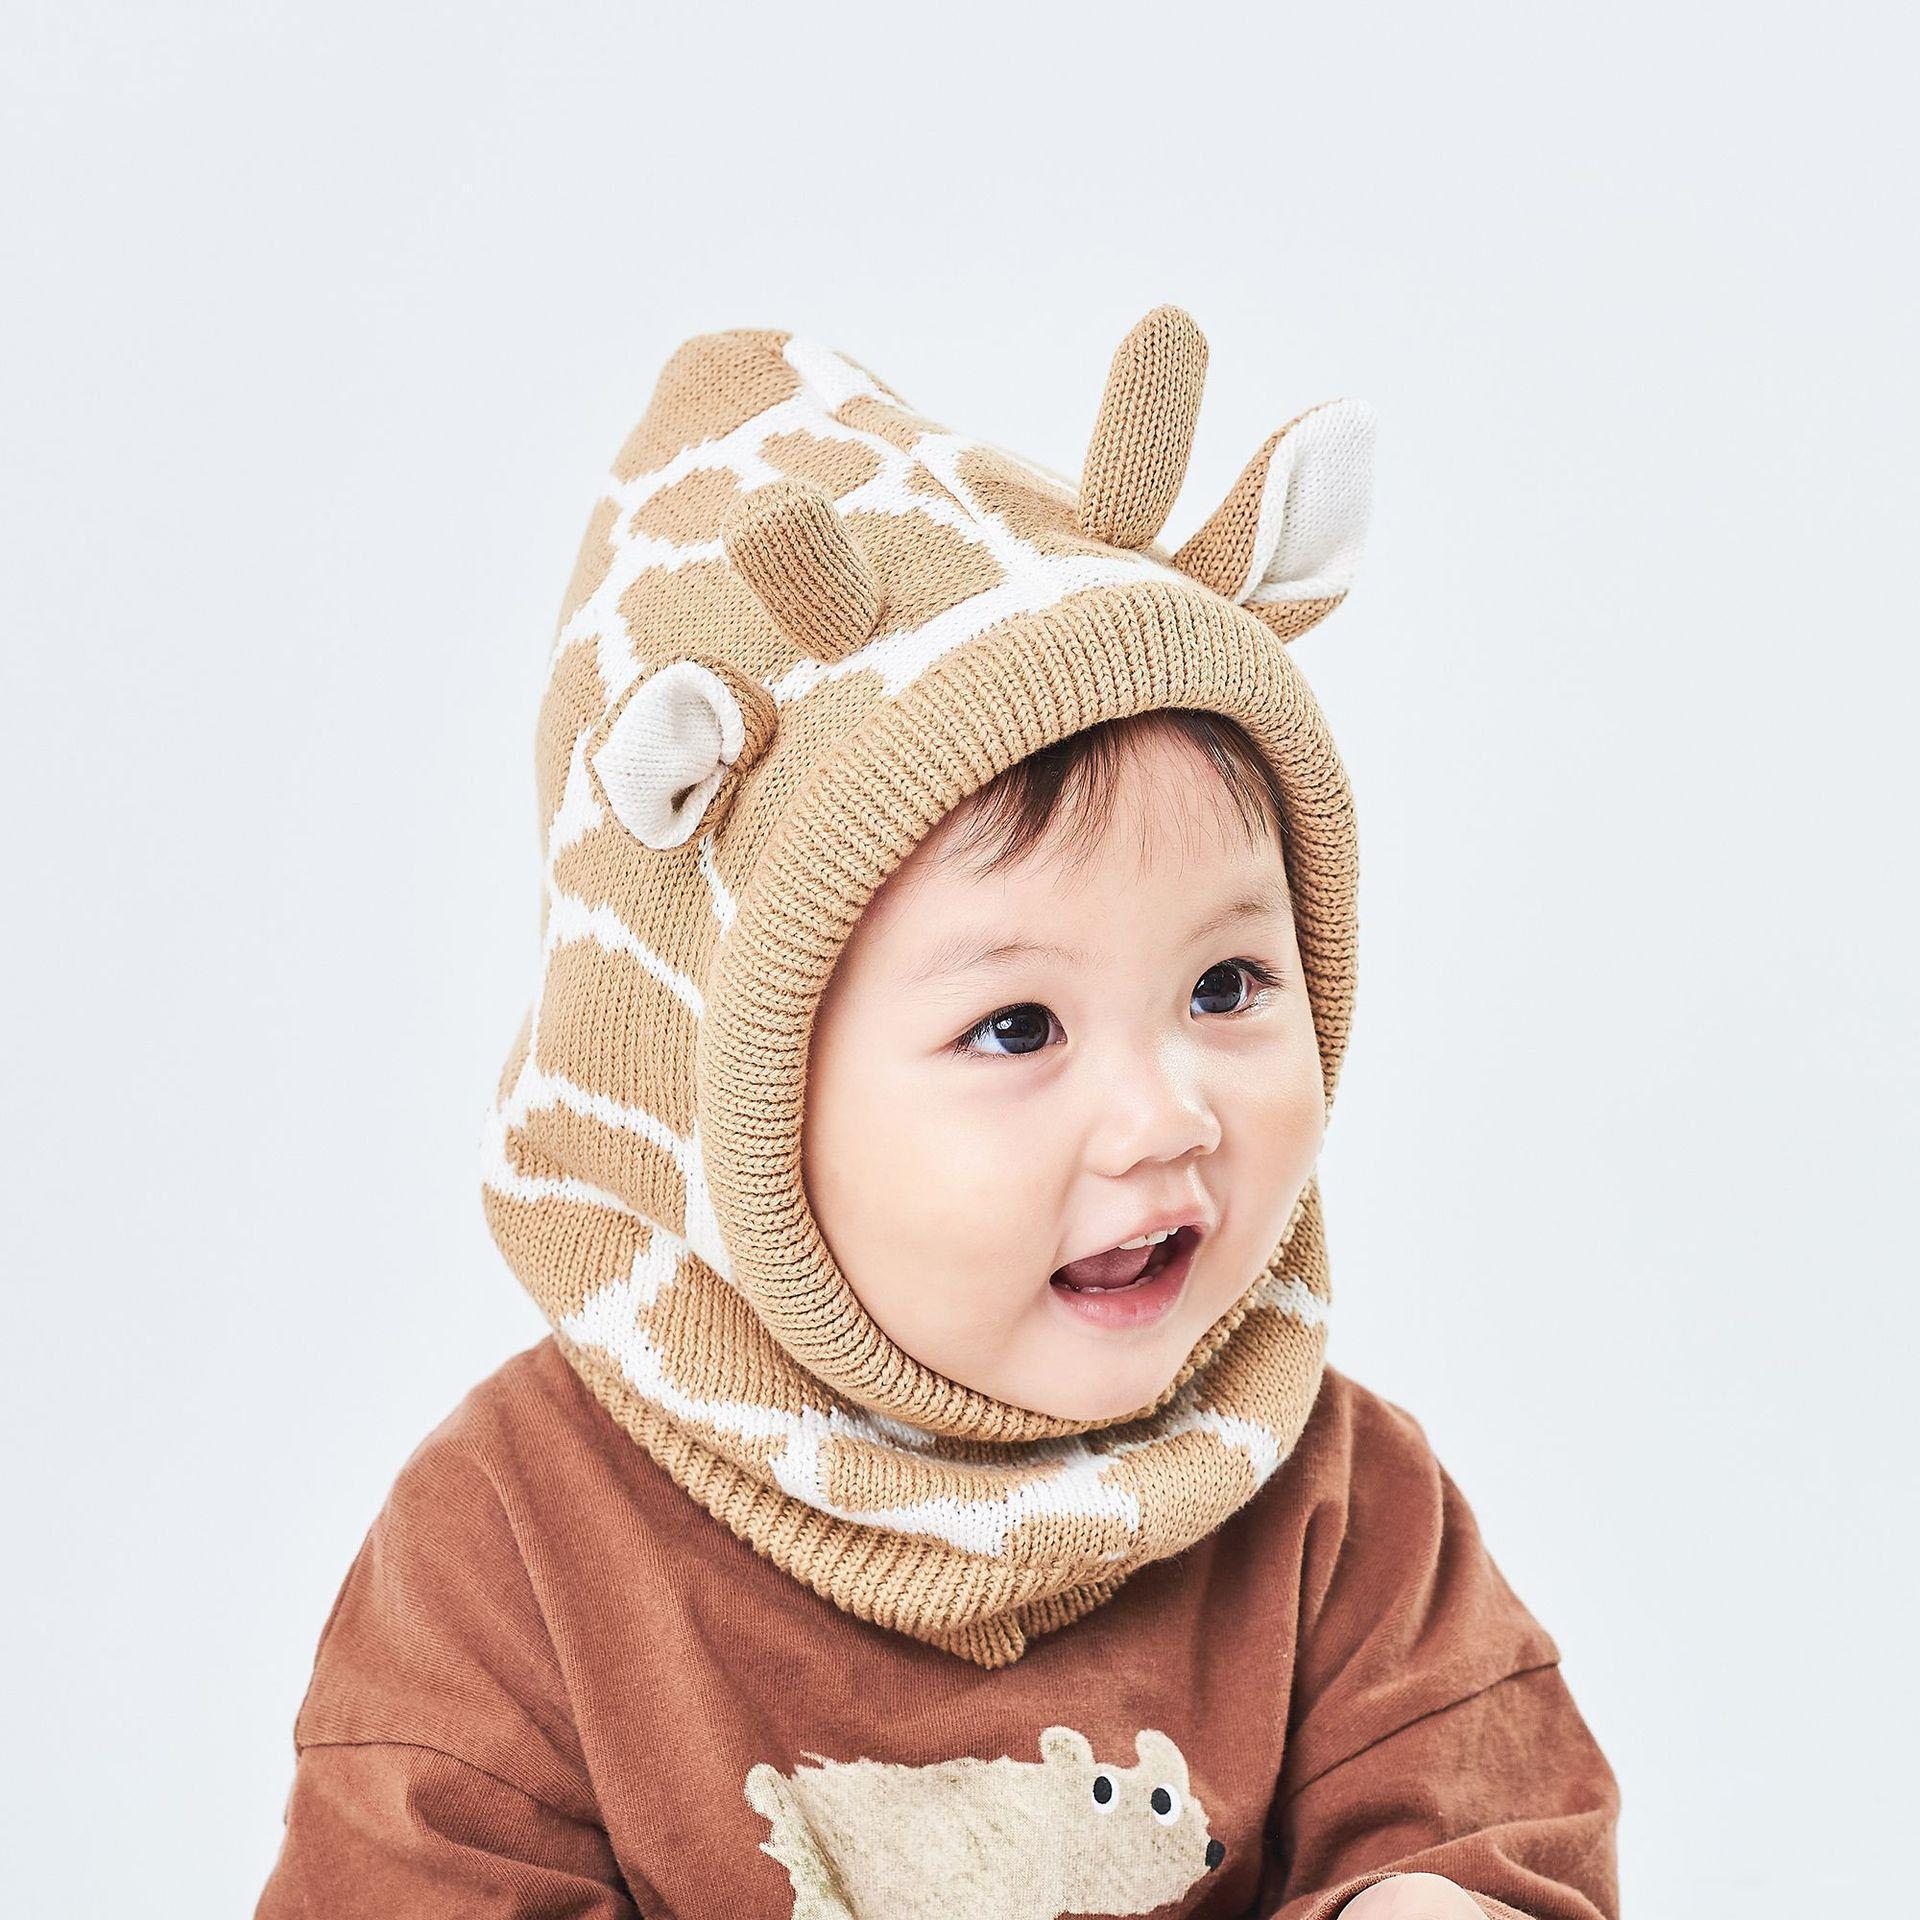 Nouveau Automne Hiver Bébé Enfant Chapeau Tricoté Bonnets enfants Toison Chapeaux bébés Chapeaux chaud Cache-oreilles cou